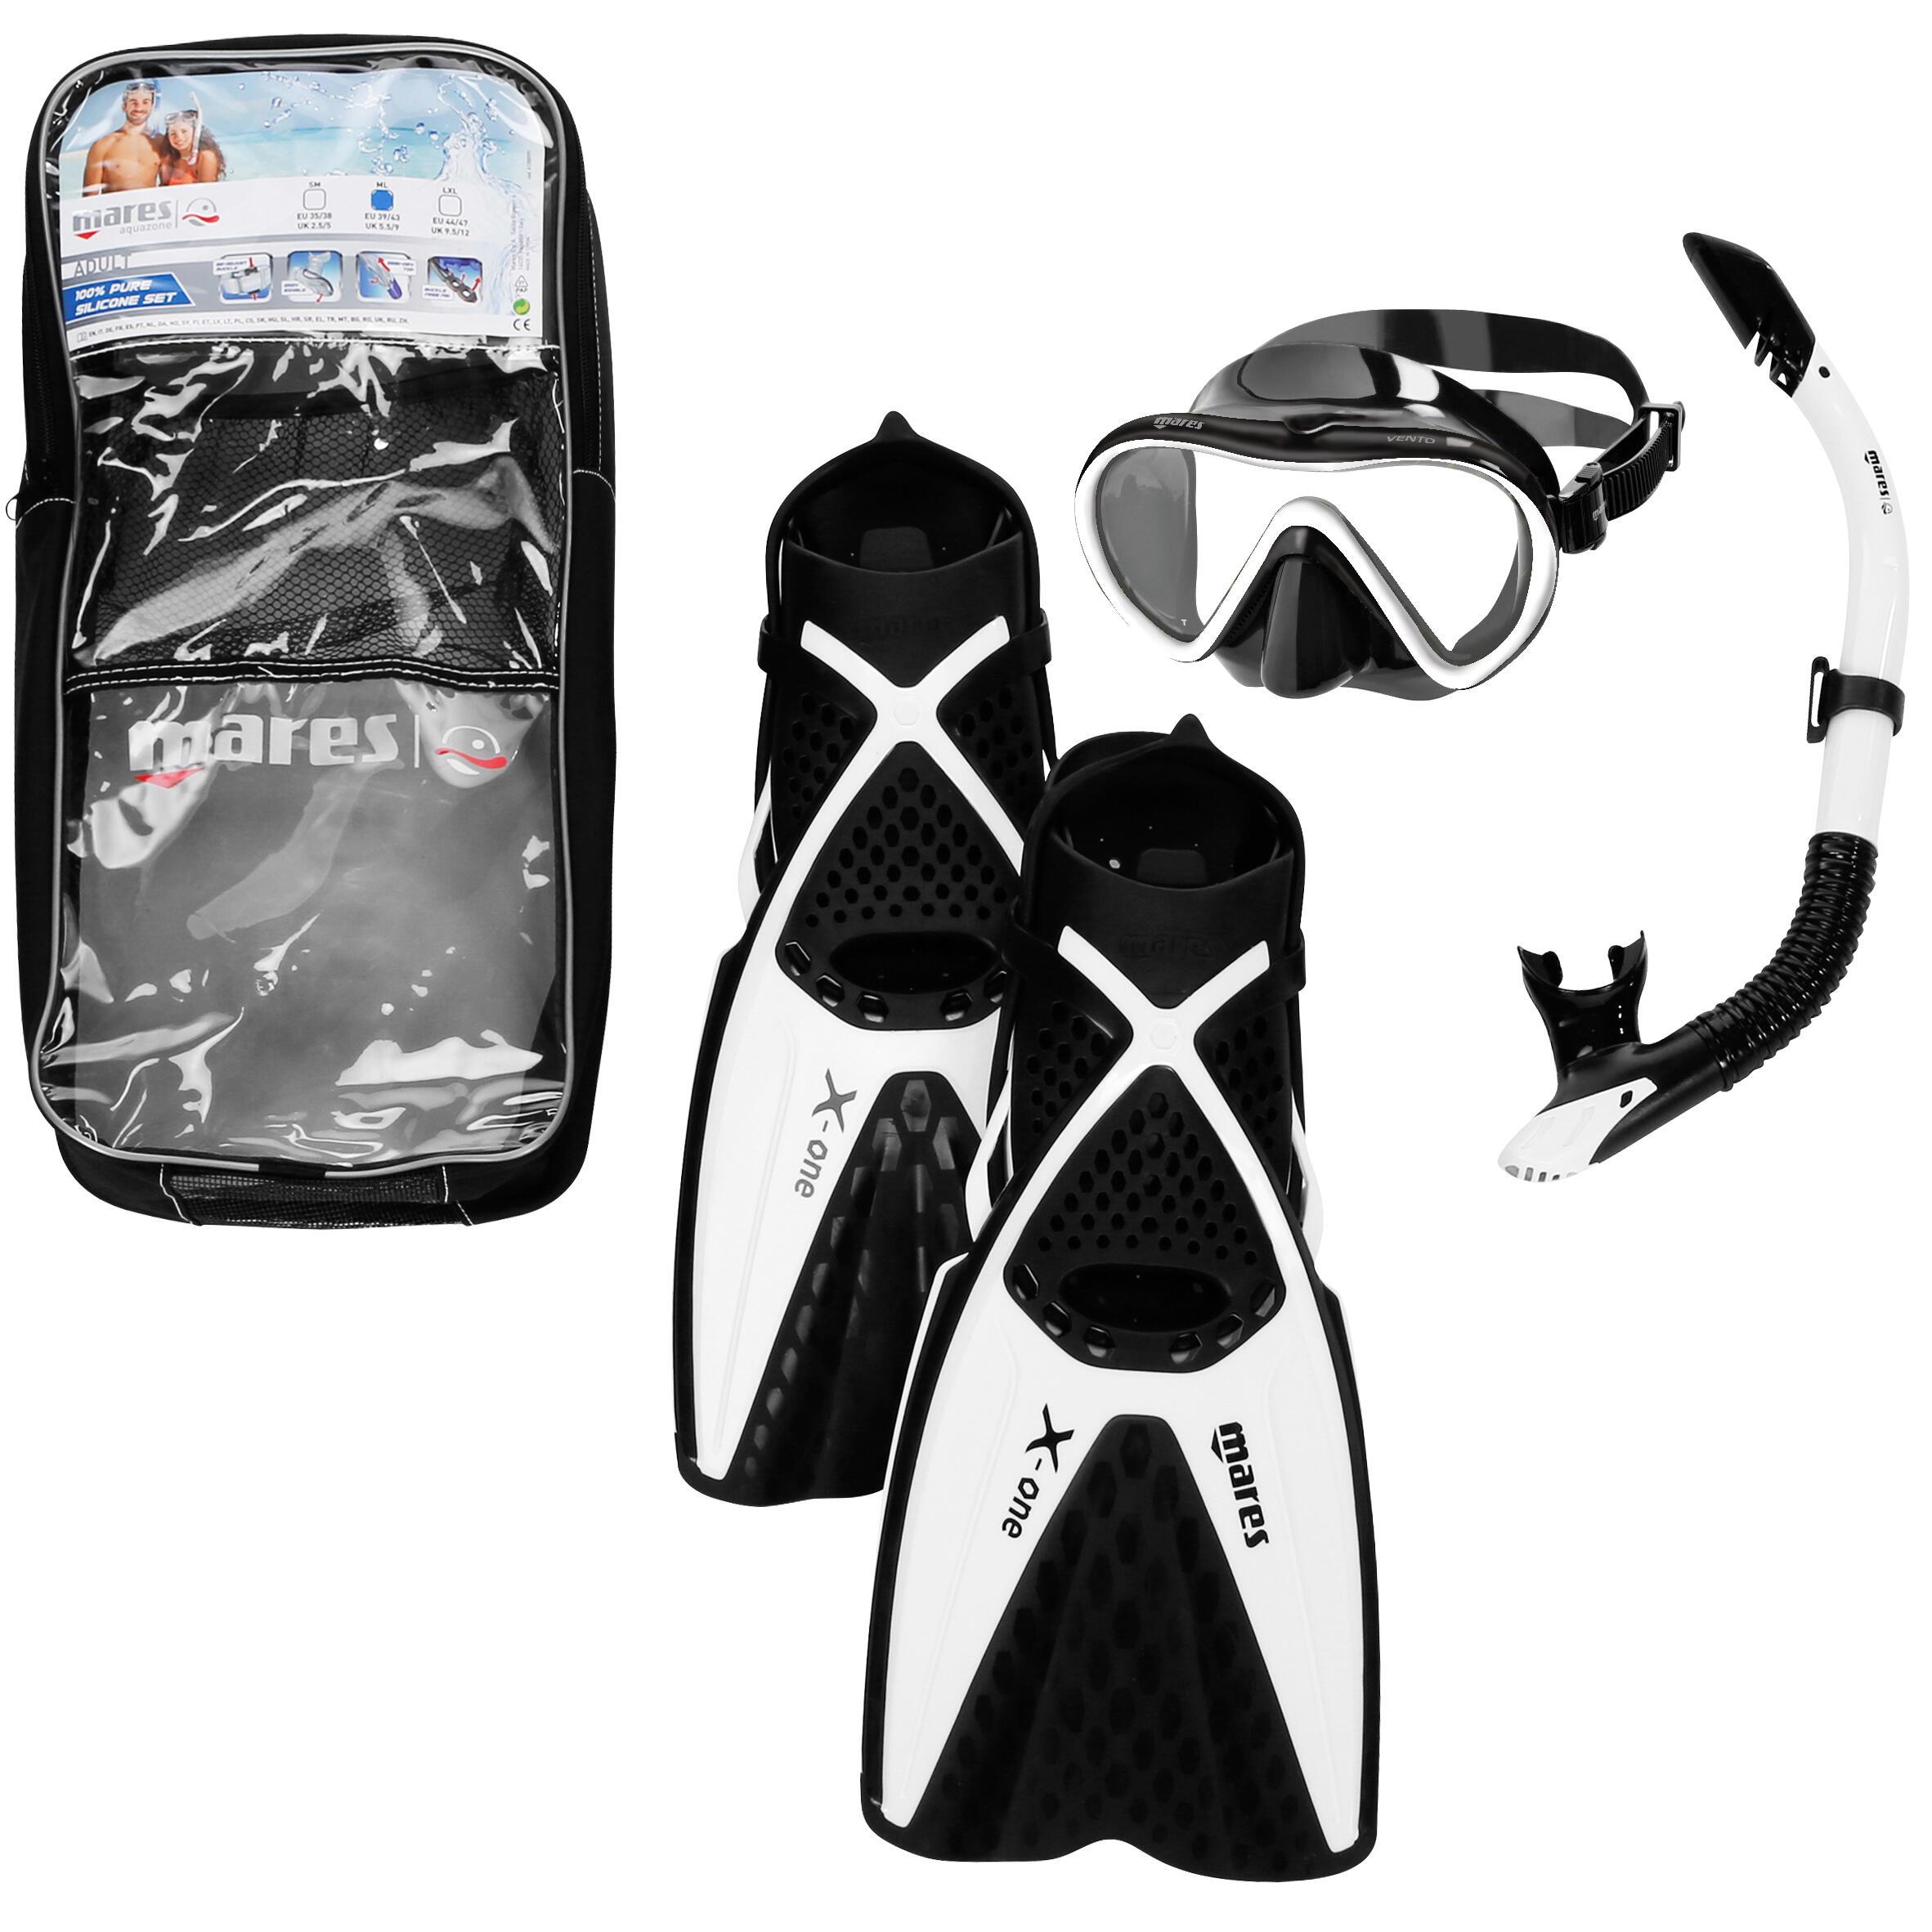 Mares Snorkelset X-One (snorkelvinnen, duikbril, snorkel) zwart wit